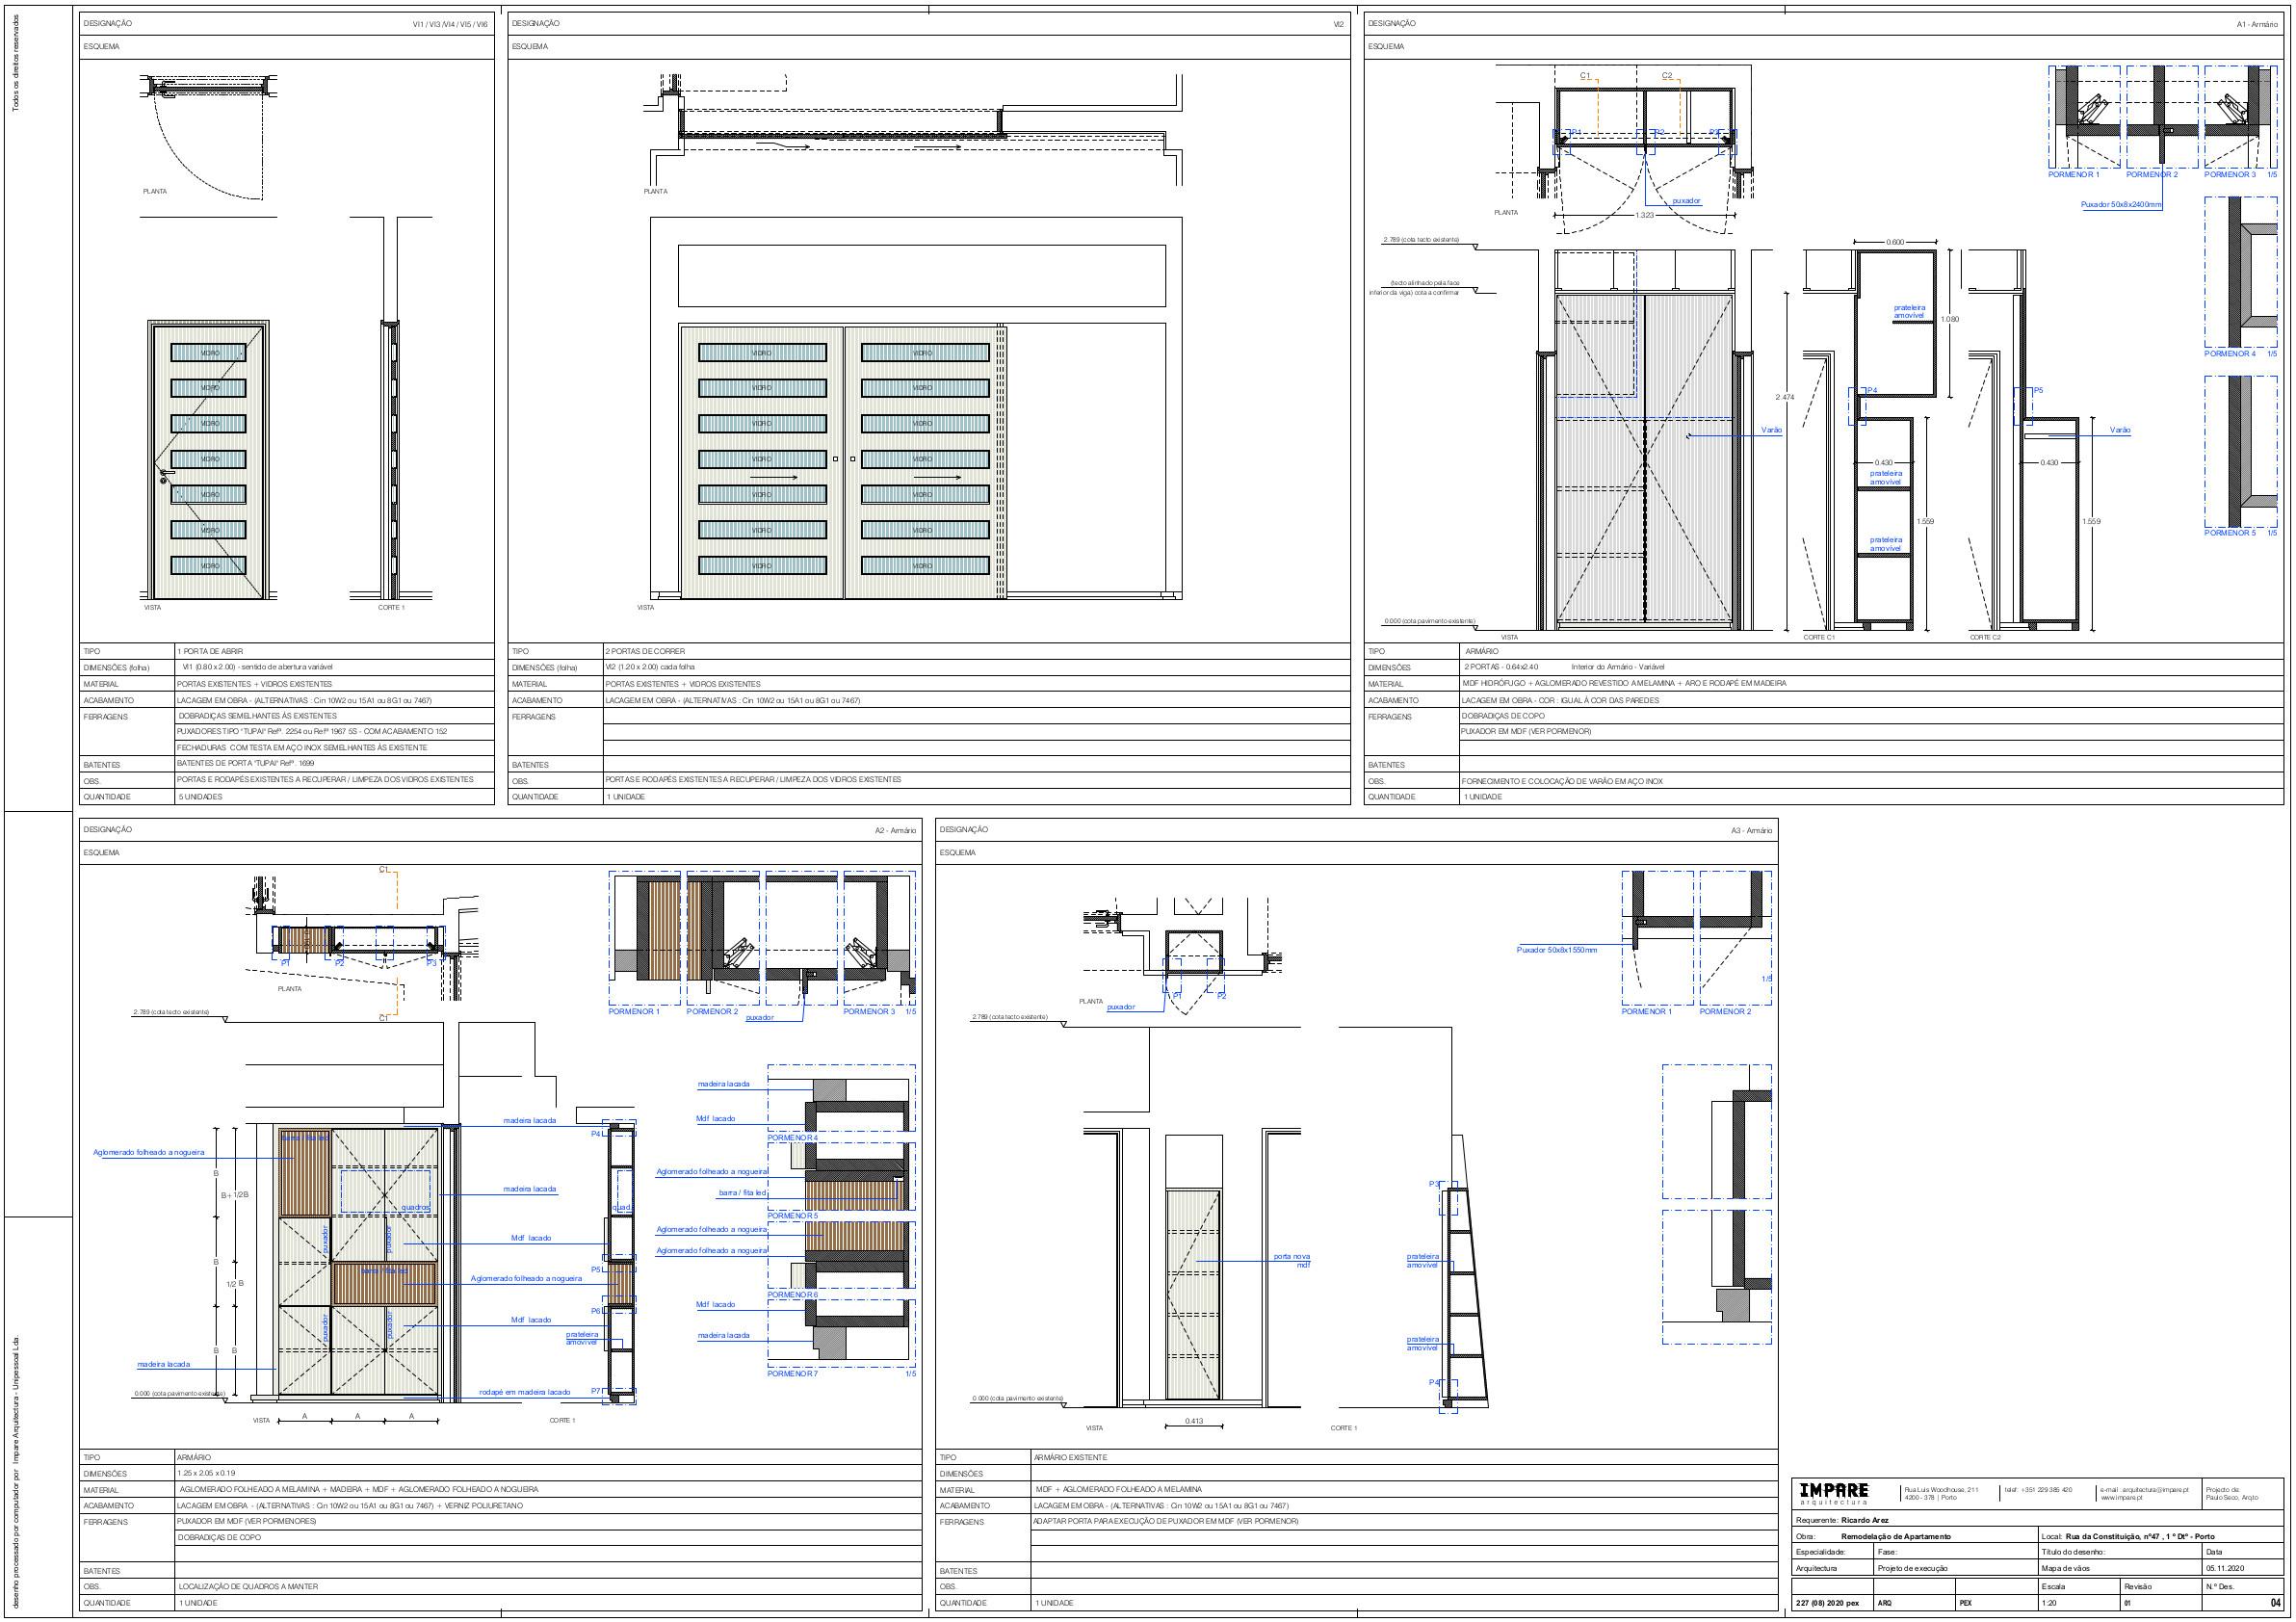 Impare_Arquitectura F04 - Mapa de vãos - pex20